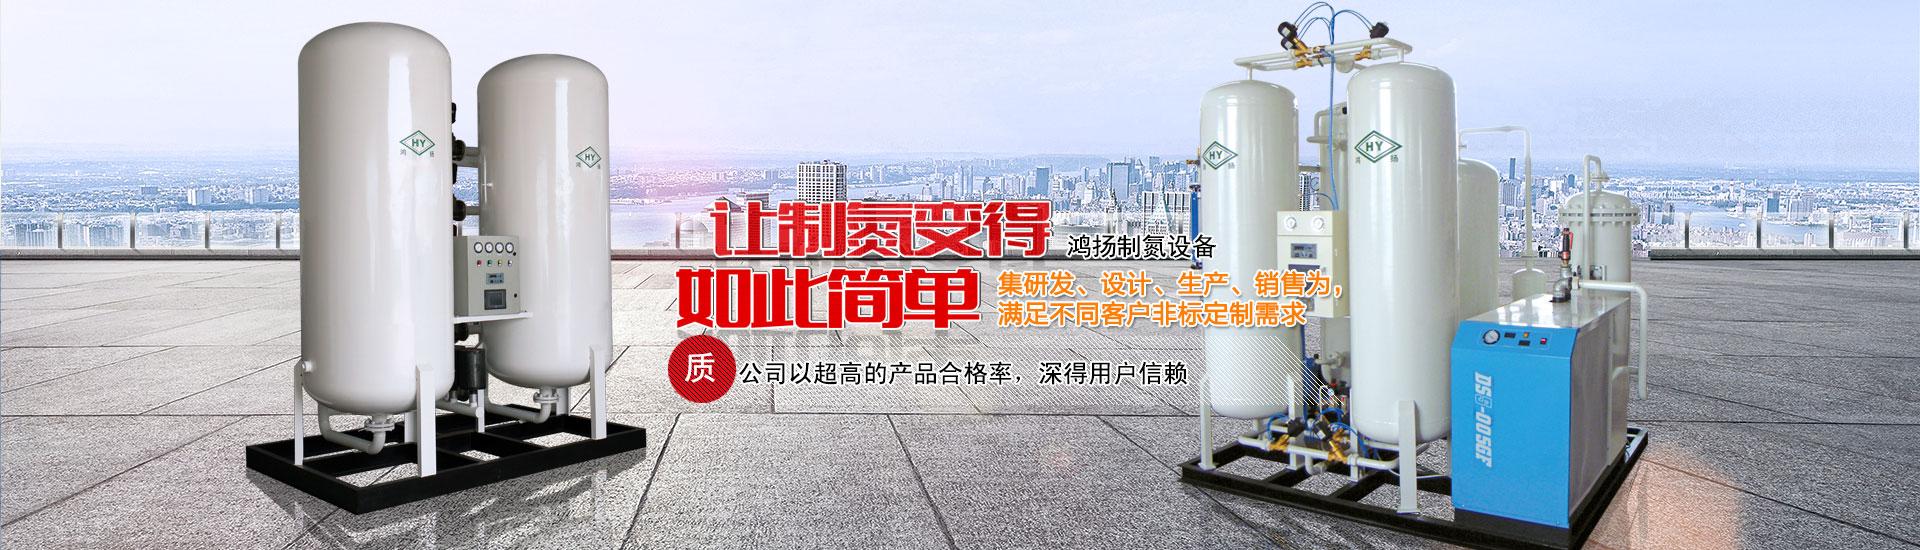 澳门博彩官网-banner